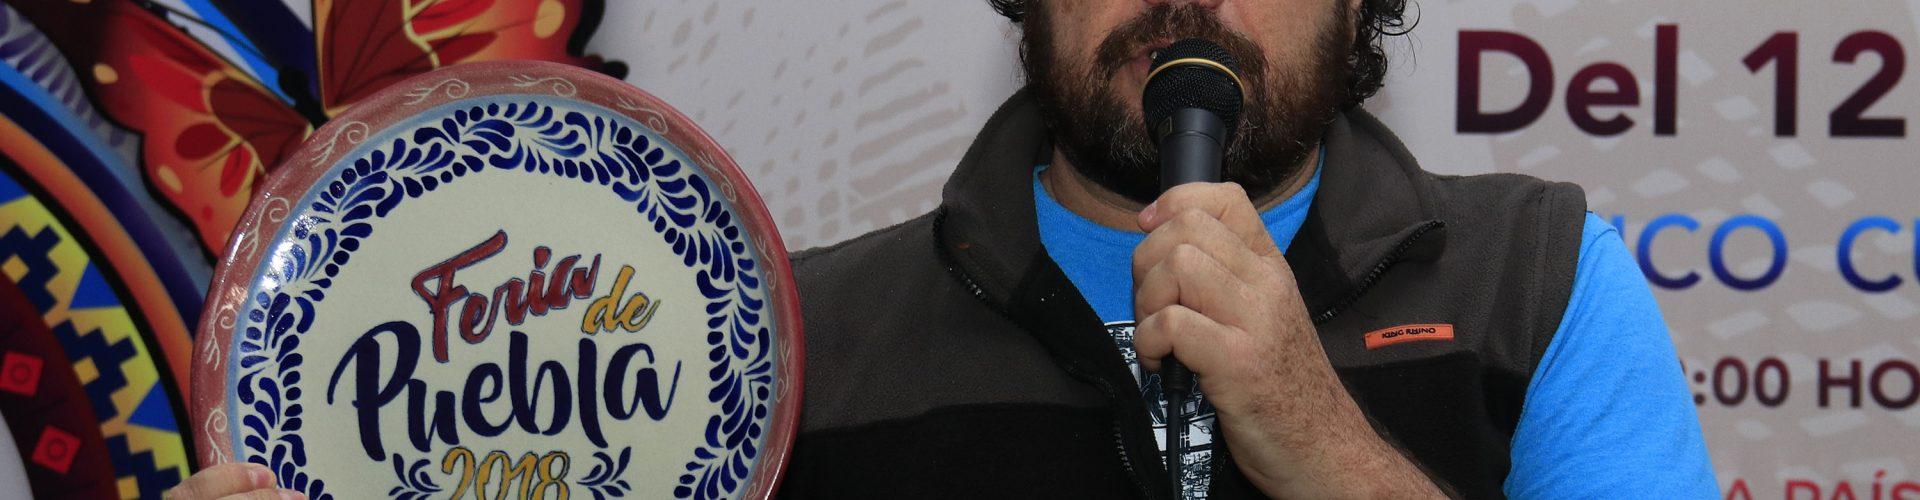 UNA NOCHE DE BOHEMIA CON NICHO HINOJOSA EN LA FERIA DE PUEBLA 2018